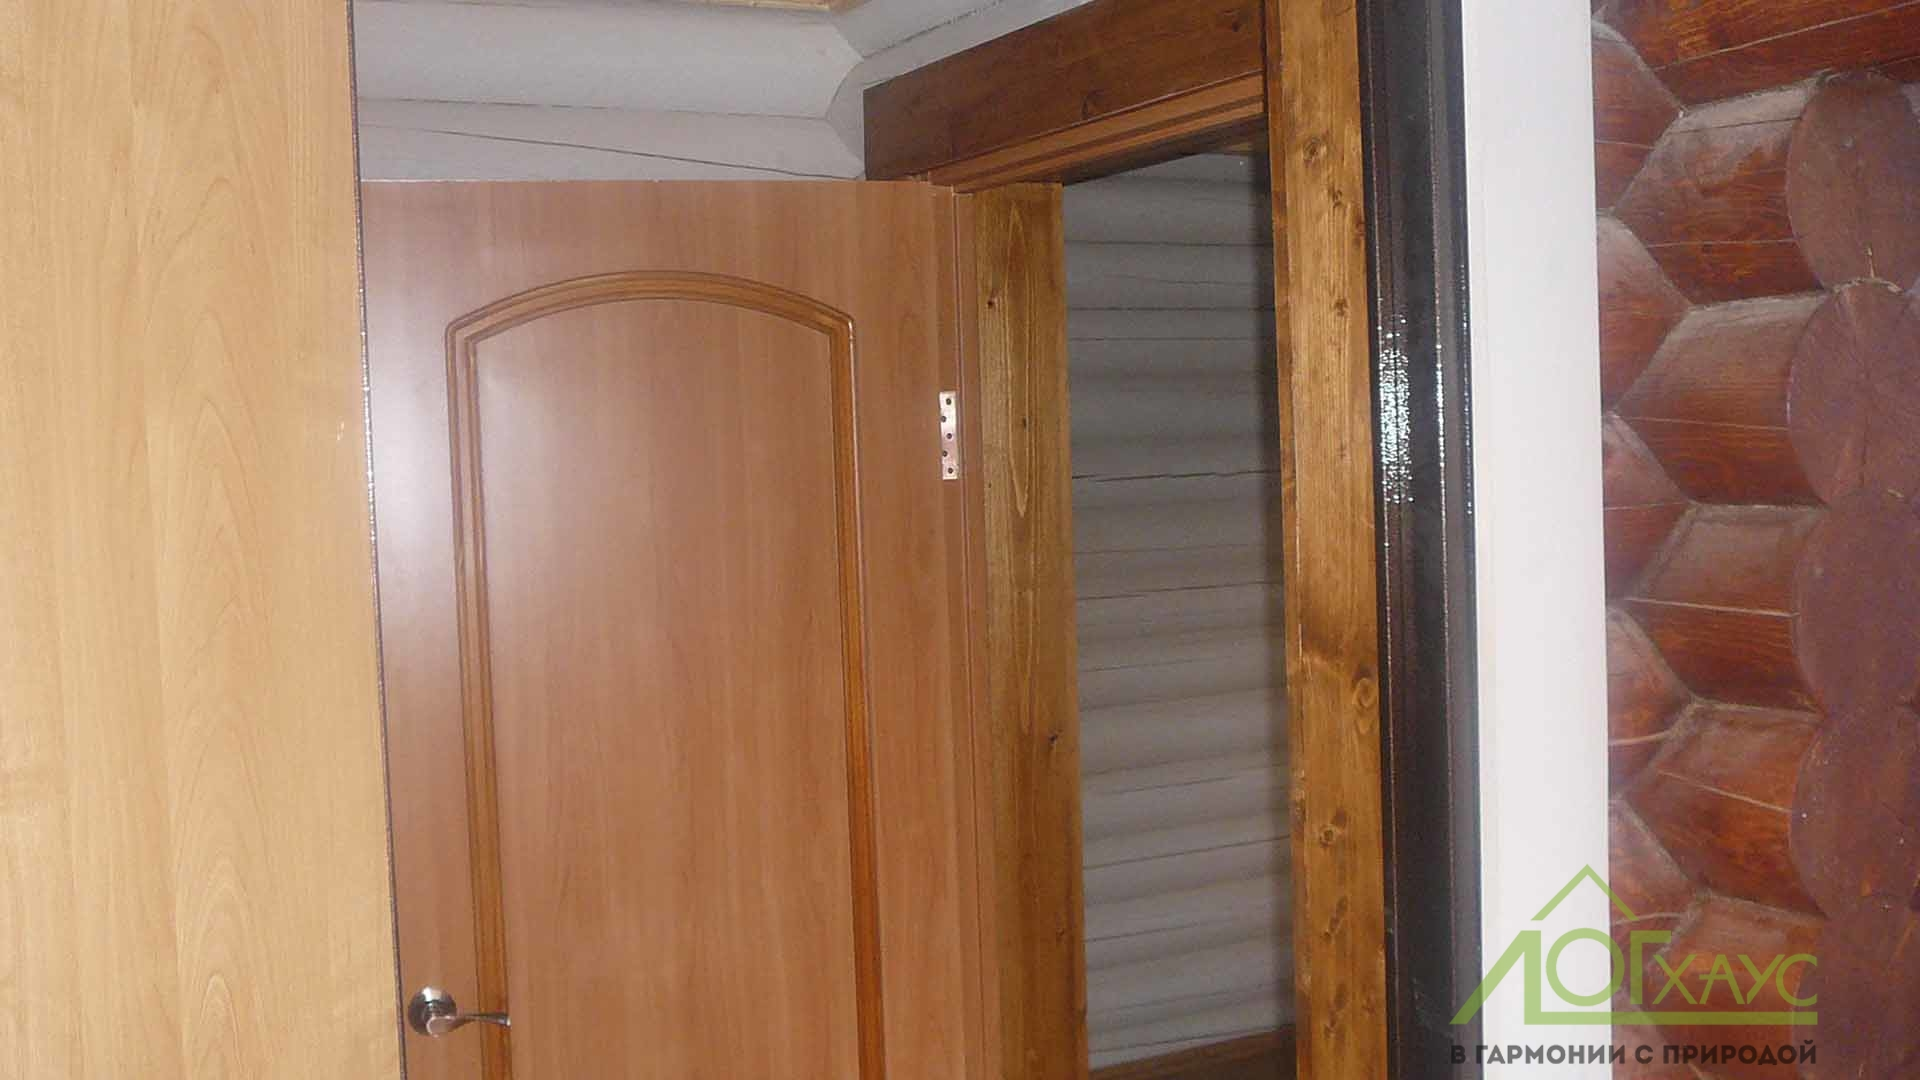 Дом охраны (внутренняя отделка)